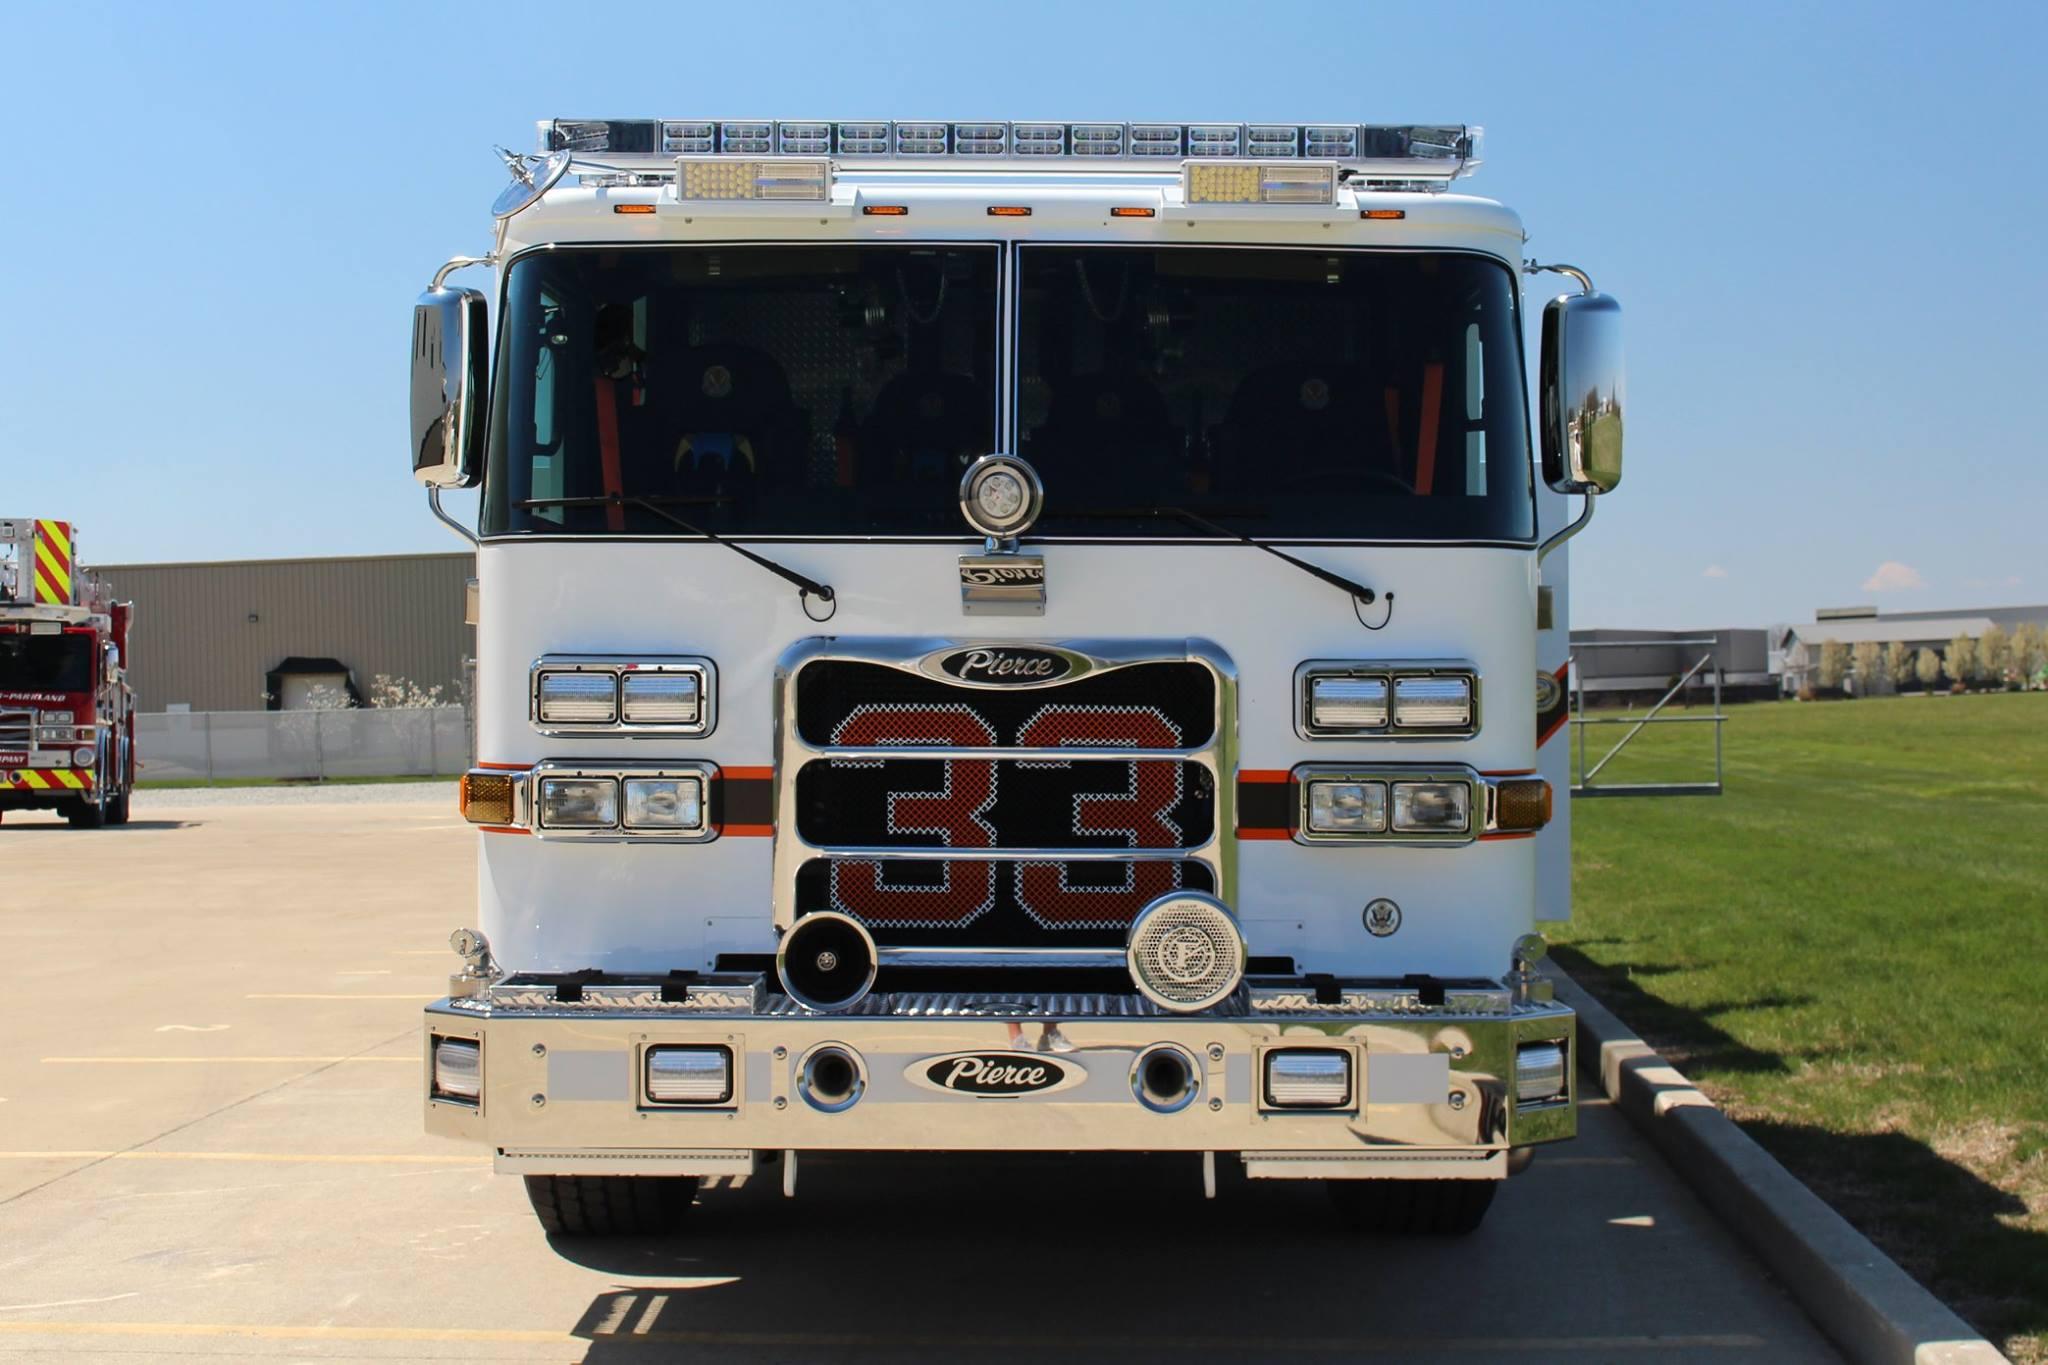 Rescue Engine 33 - Kentland Volunteer Fire Department